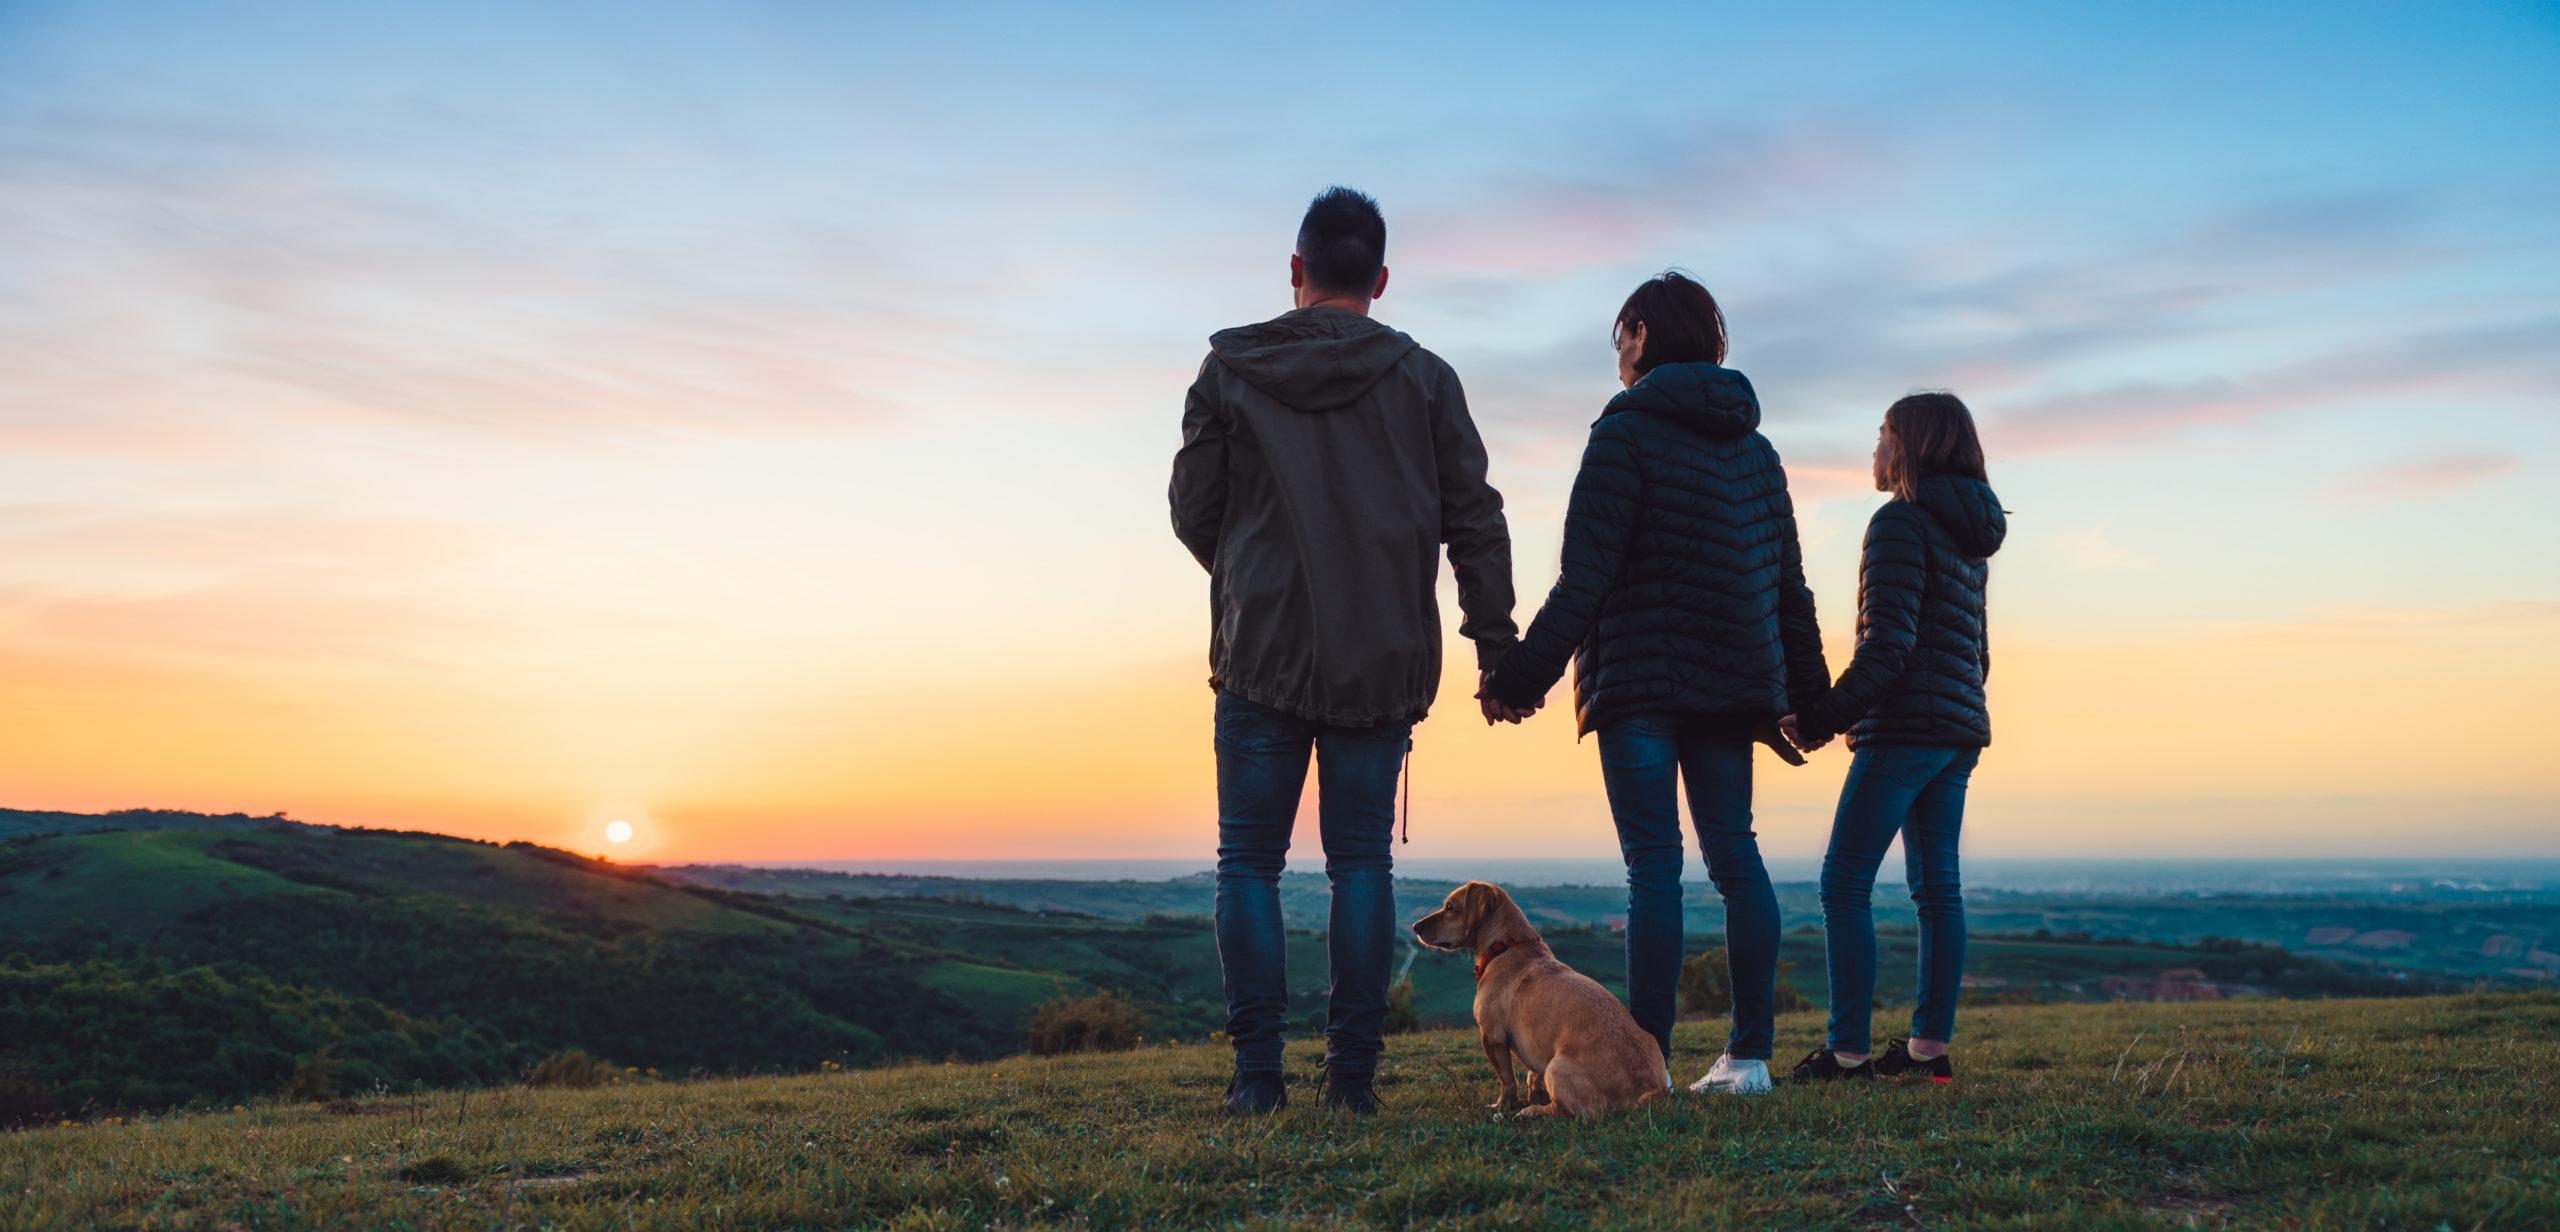 Συναισθηματική νοημοσύνη: Πως Οι Γονείς να εμπνεύσουν τα παιδιά τους στην Εφηβεία